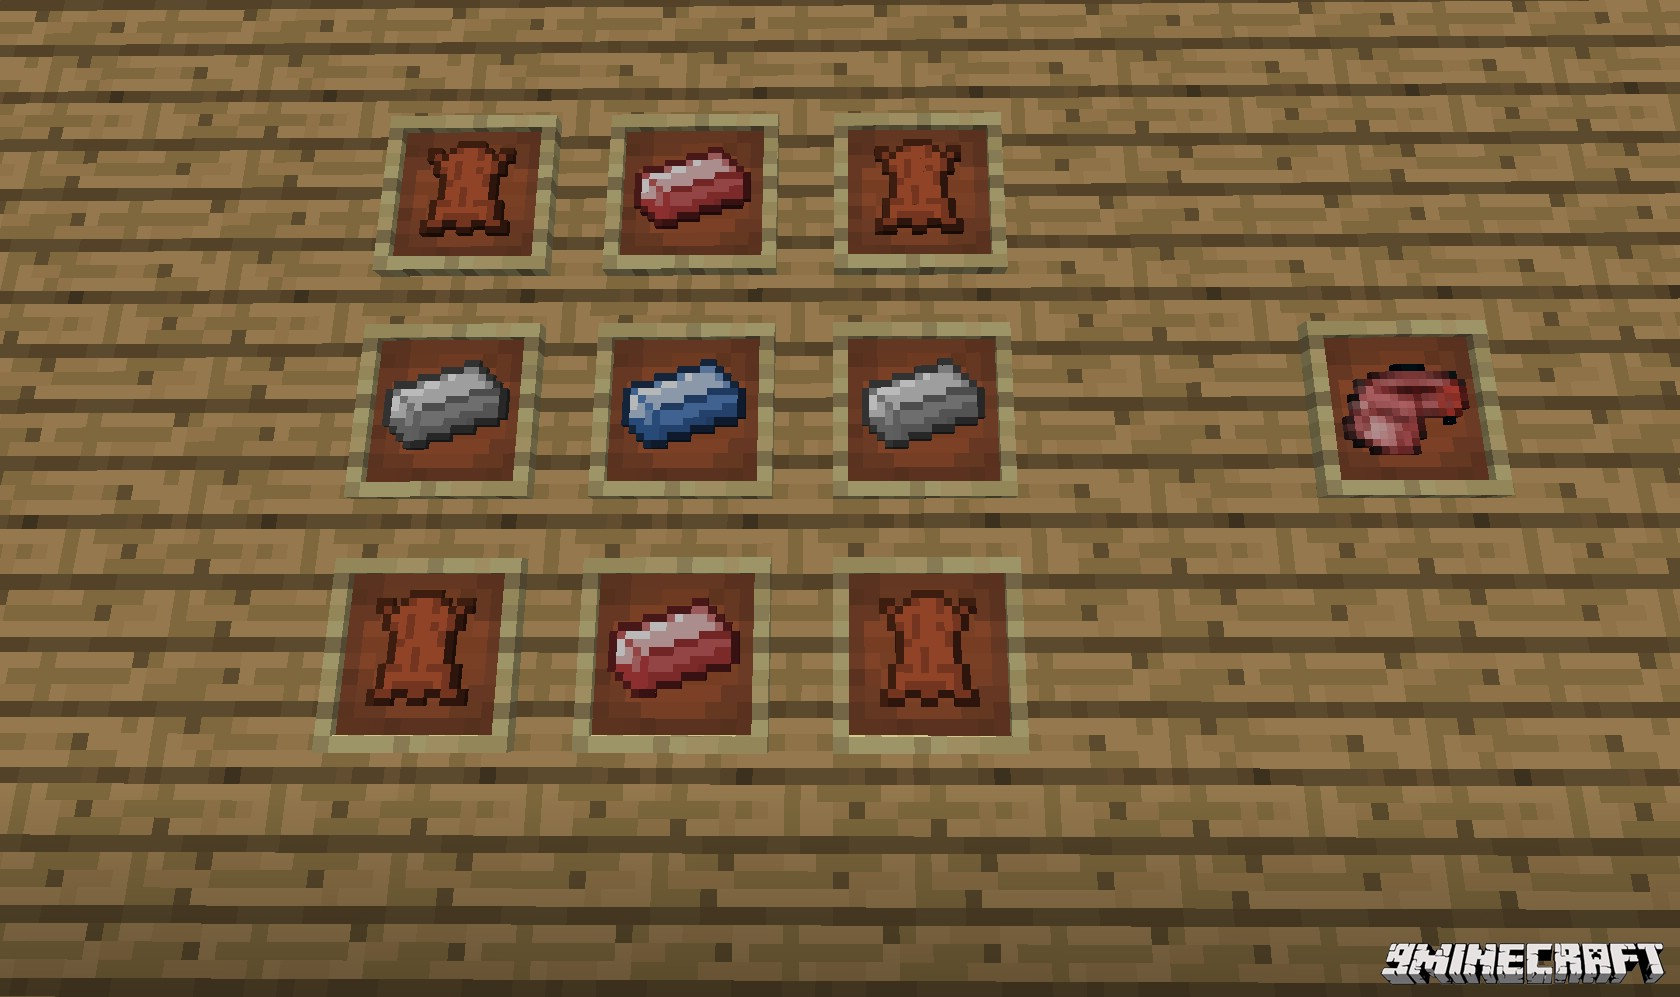 The-Miners-Friend-Mod-4.jpg